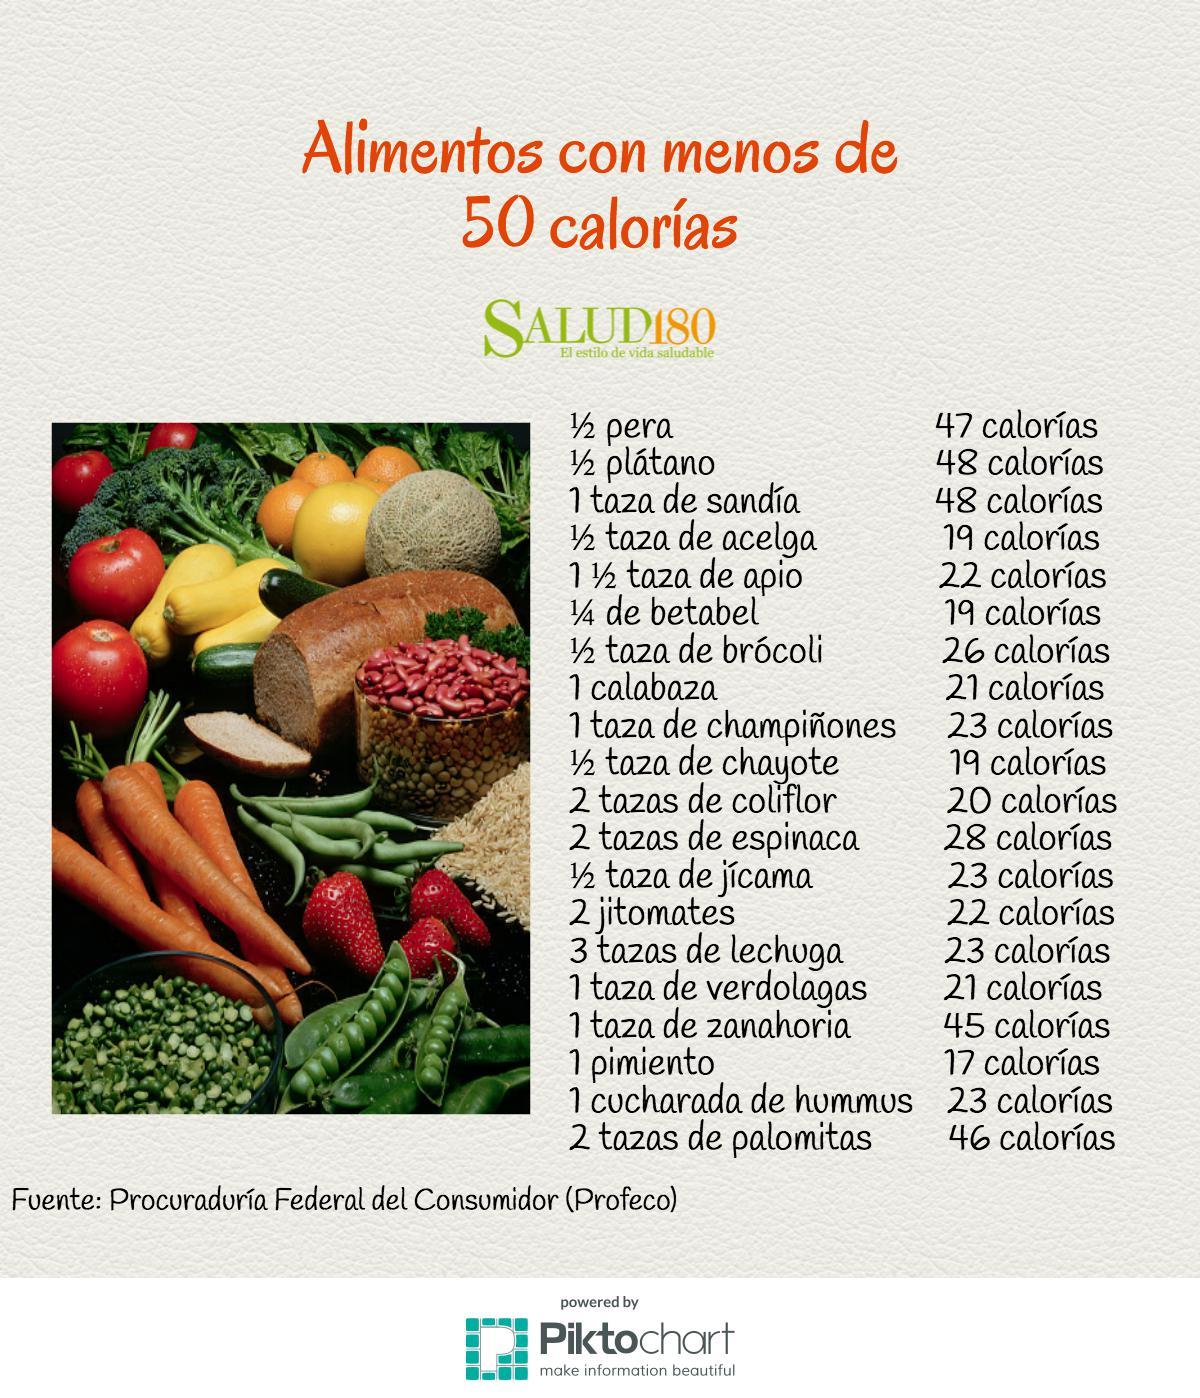 Top 20 de alimentos con menos de 50 calor as salud180 - Alimentos con levadura de cerveza ...